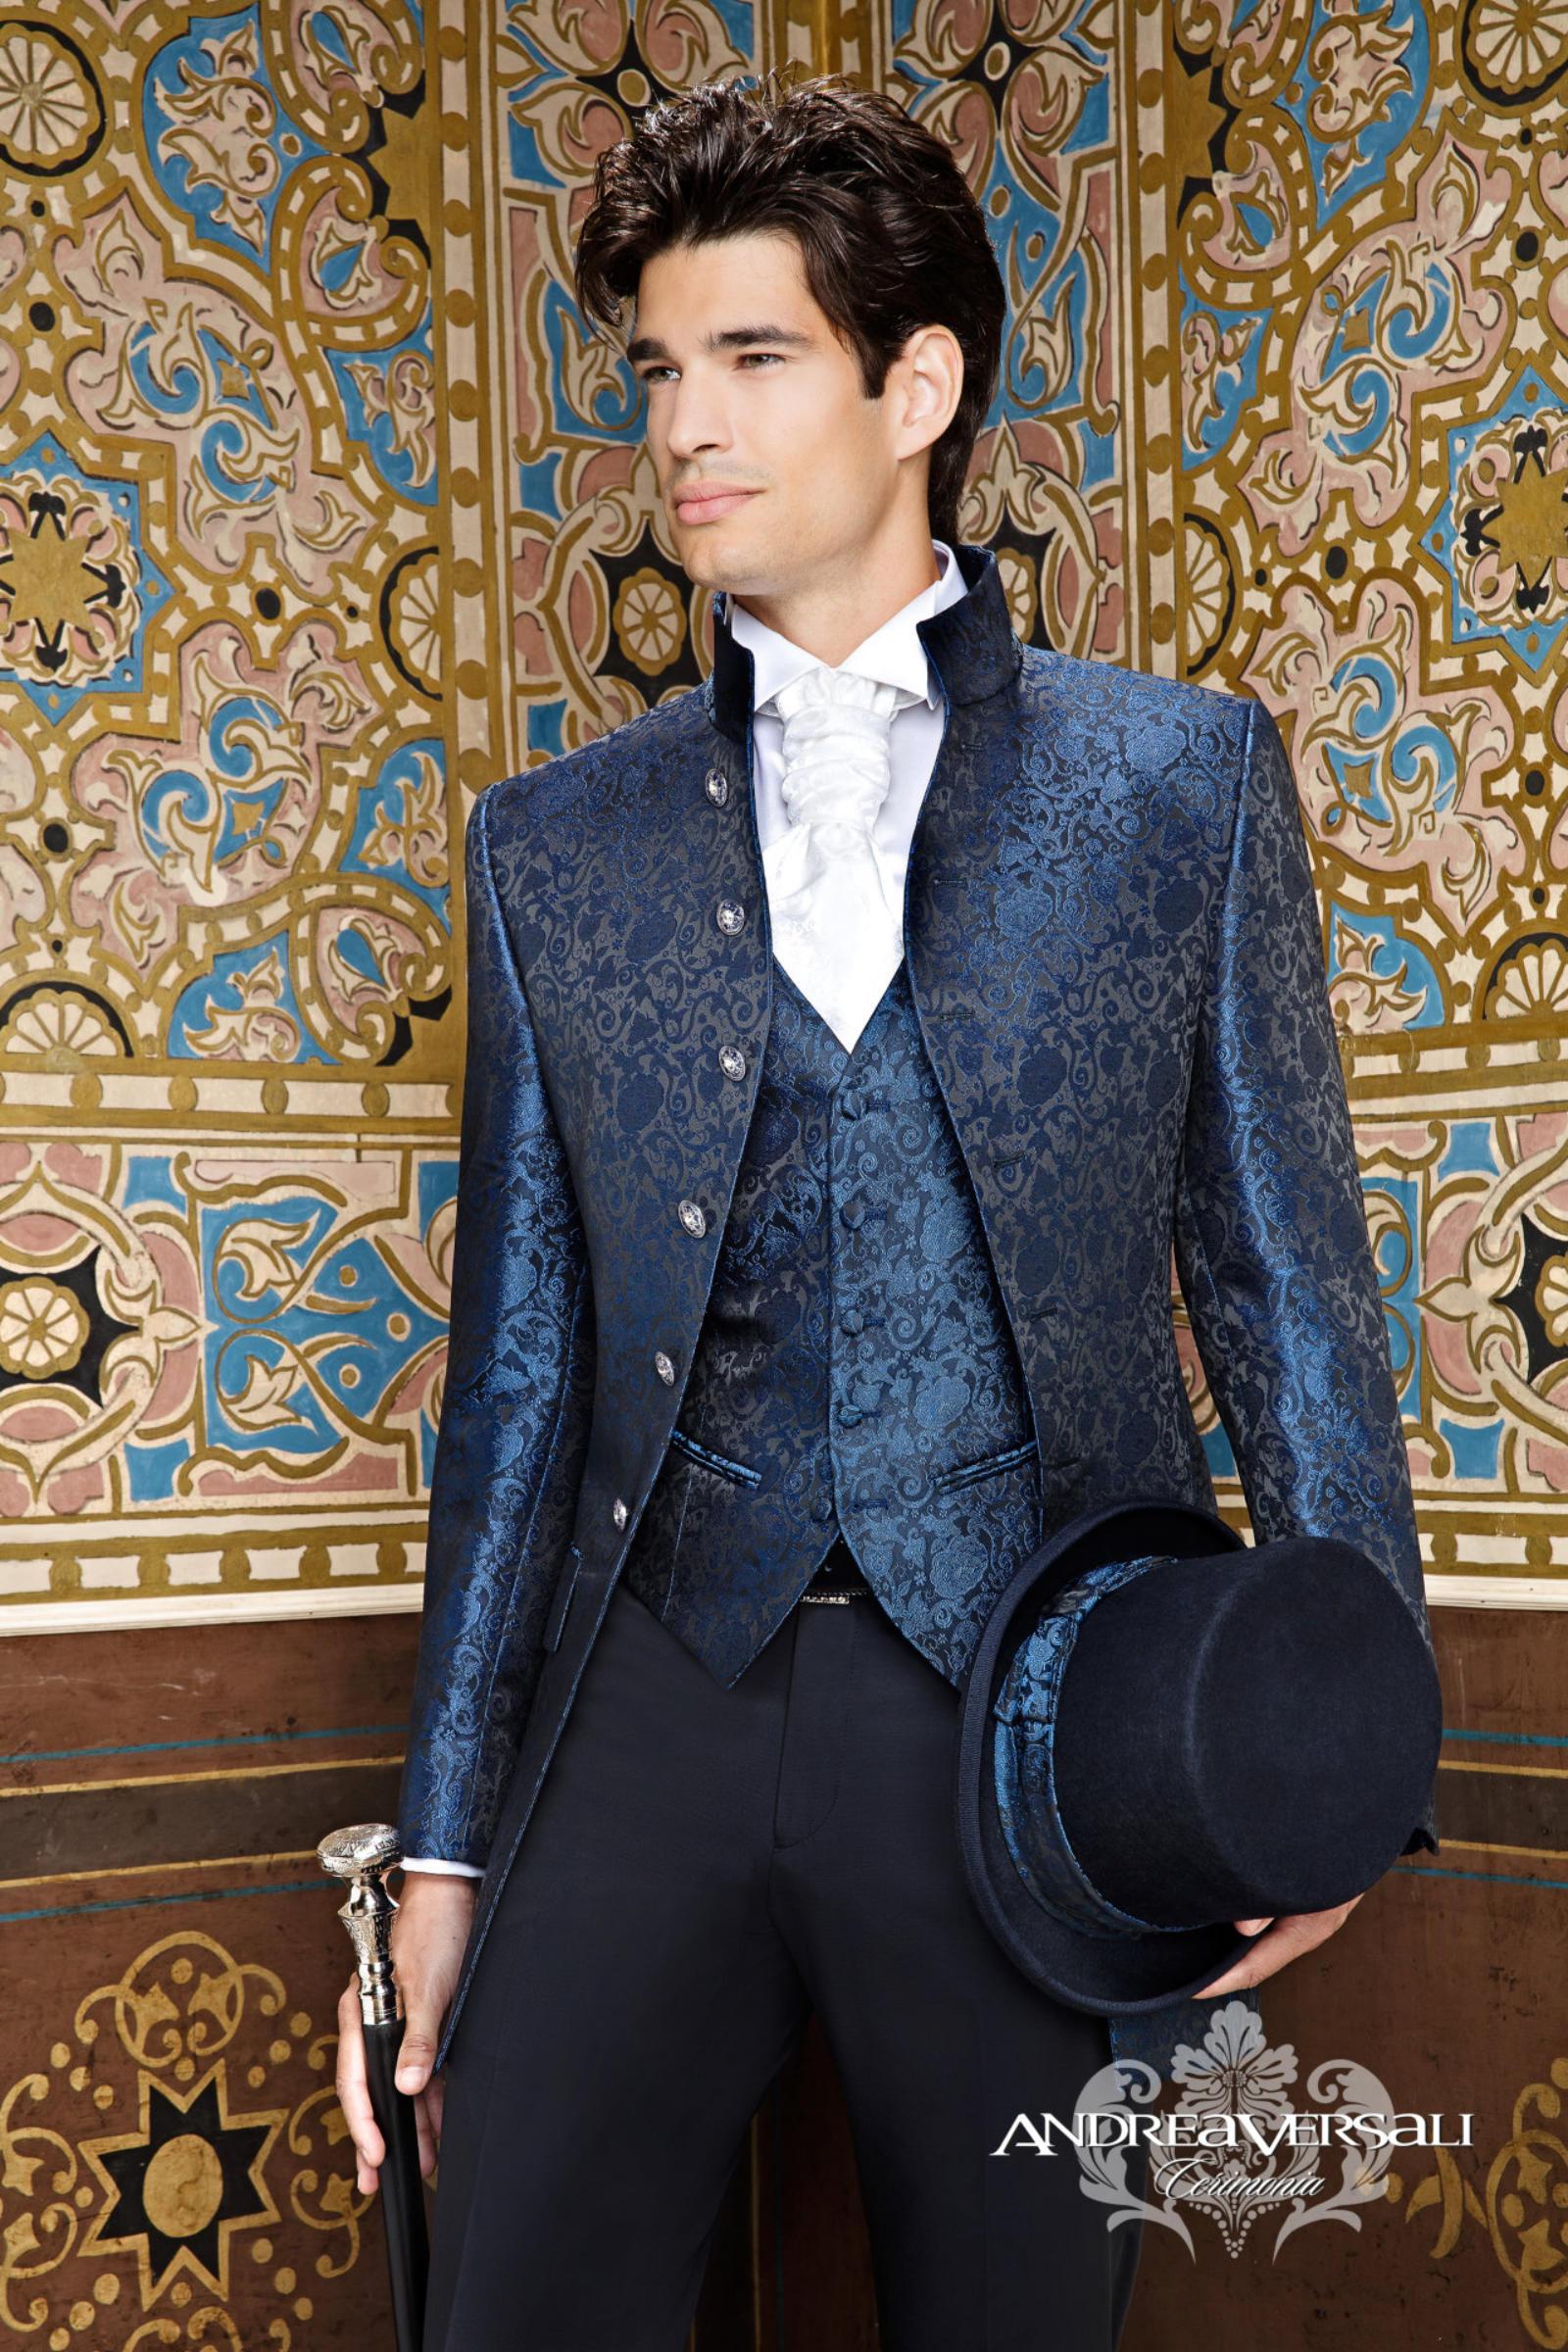 più colori così economico acquista per genuino Abiti da sposo e da cerimonia da uomo a Torino Andrea Versali